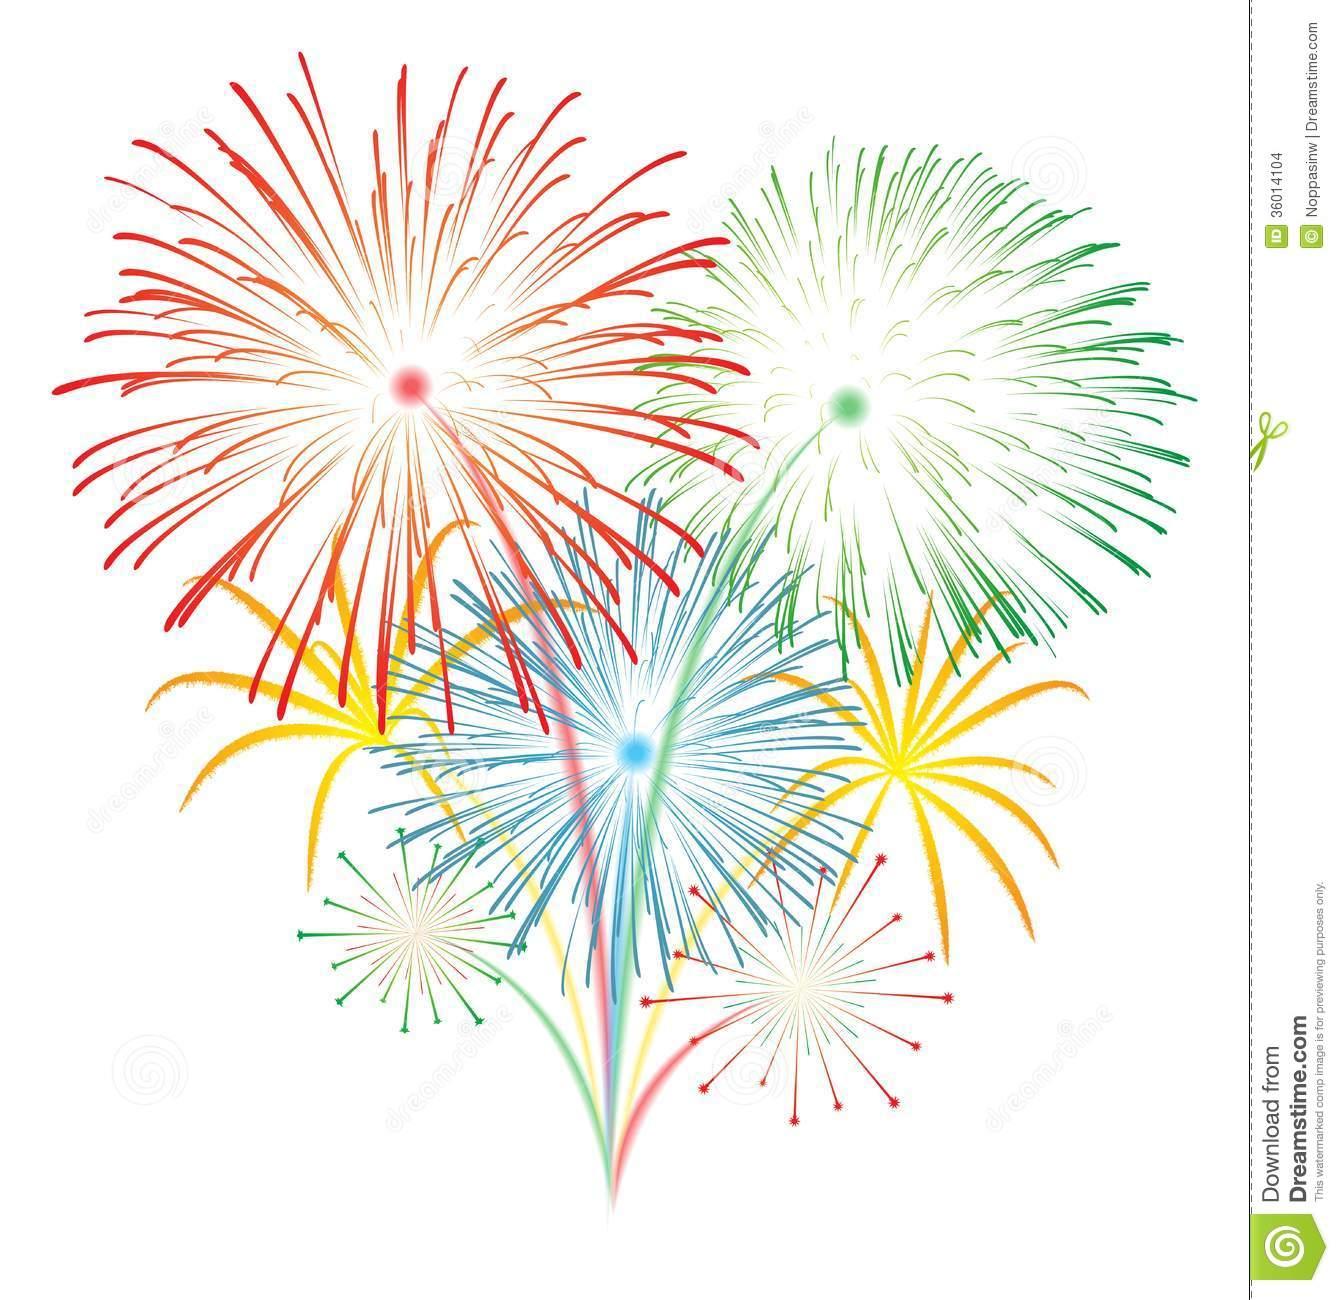 Go Back Images For Fireworks Clip Art Pn-Go Back Images For Fireworks Clip Art Png-13